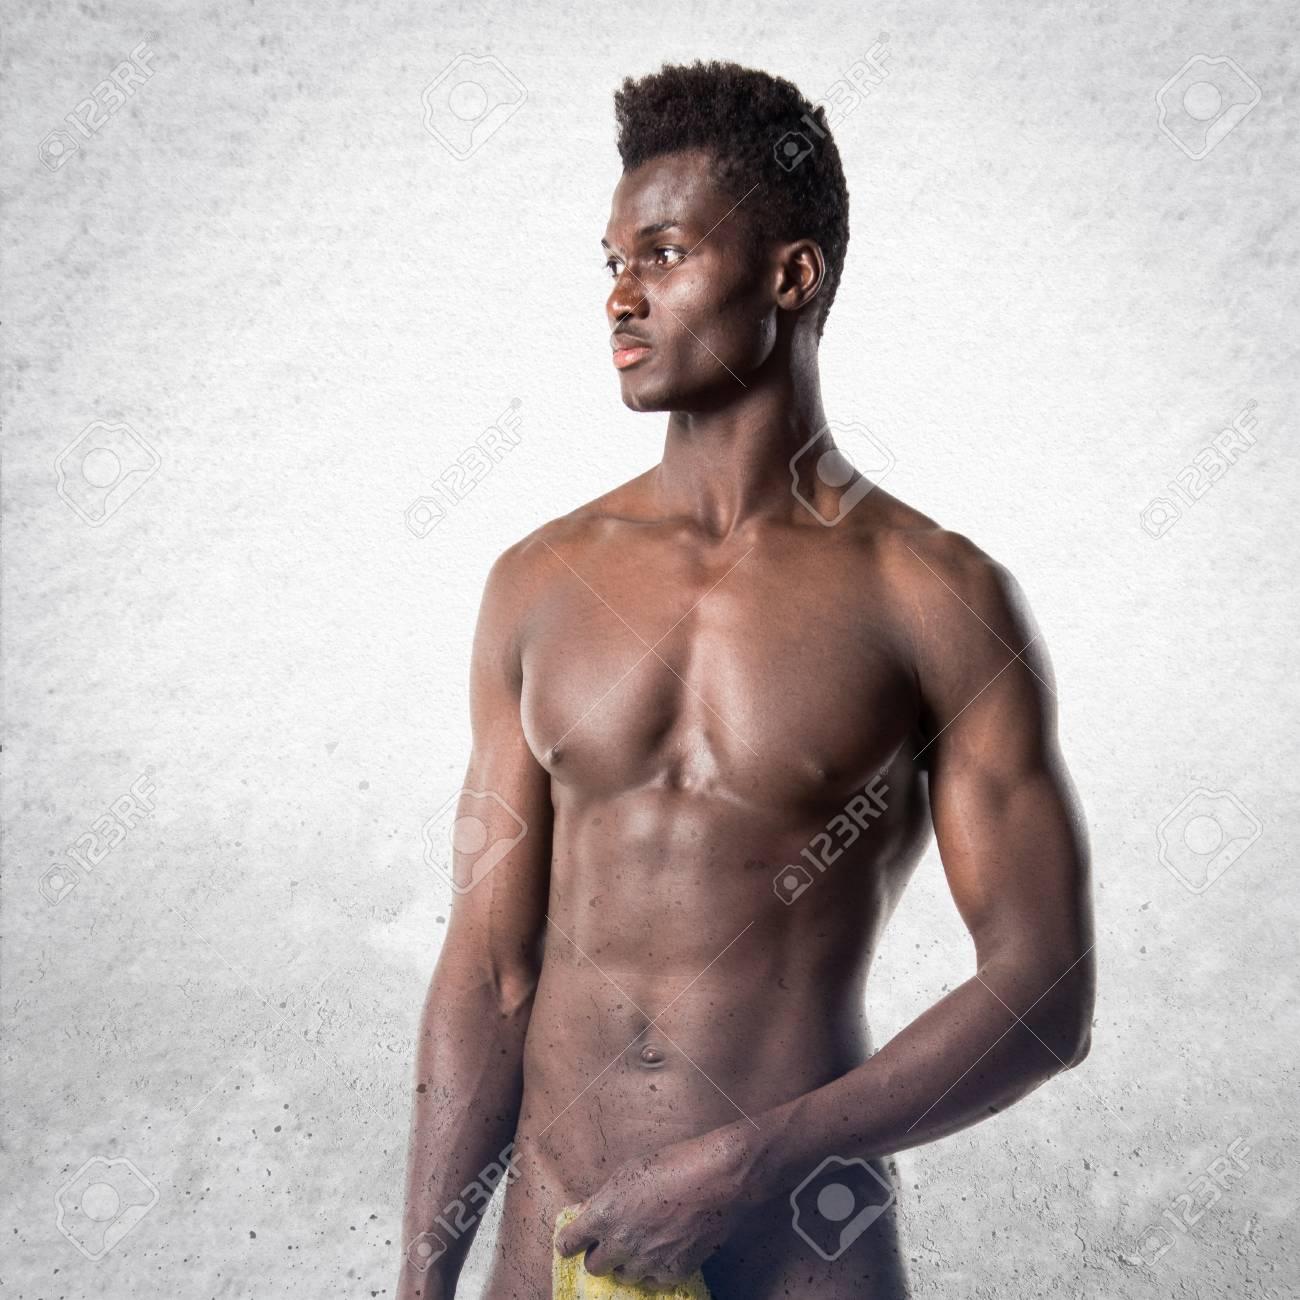 Die Sexvideos Nacktes Körperbild von schwarzen Männern mit Bauchmuskeln